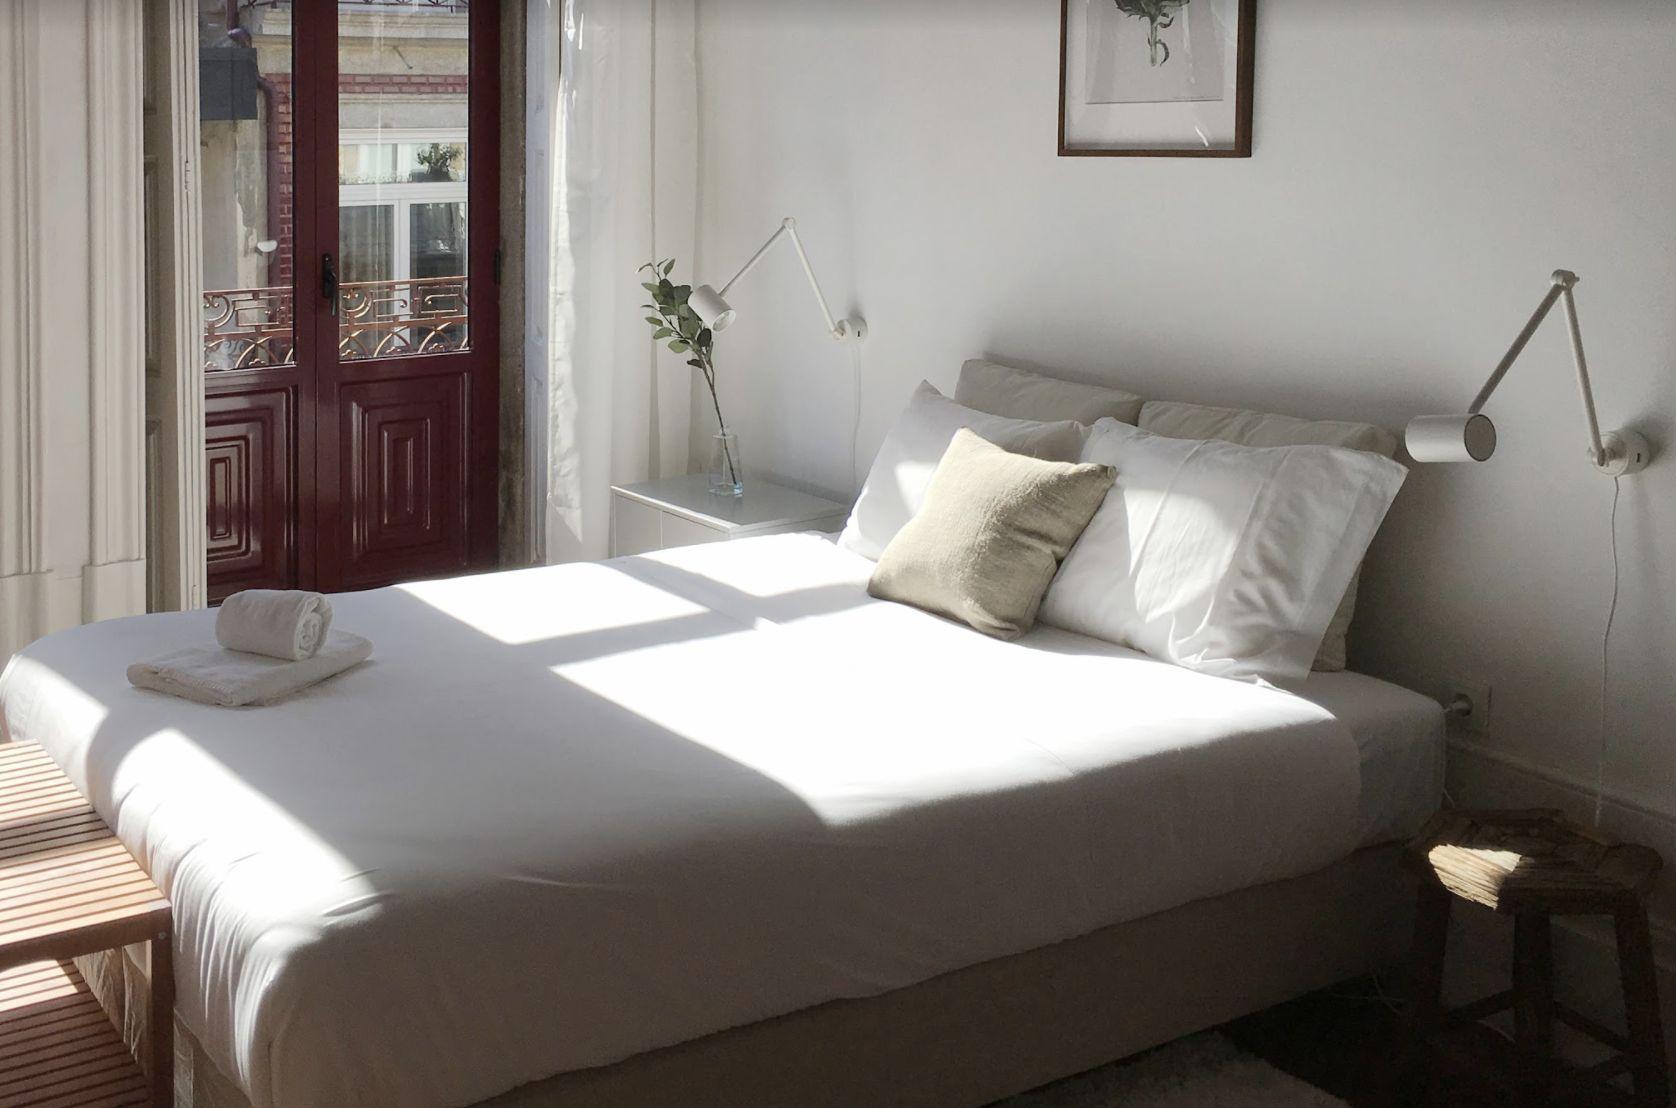 Cómo doblar una sábana ajustable correctamente